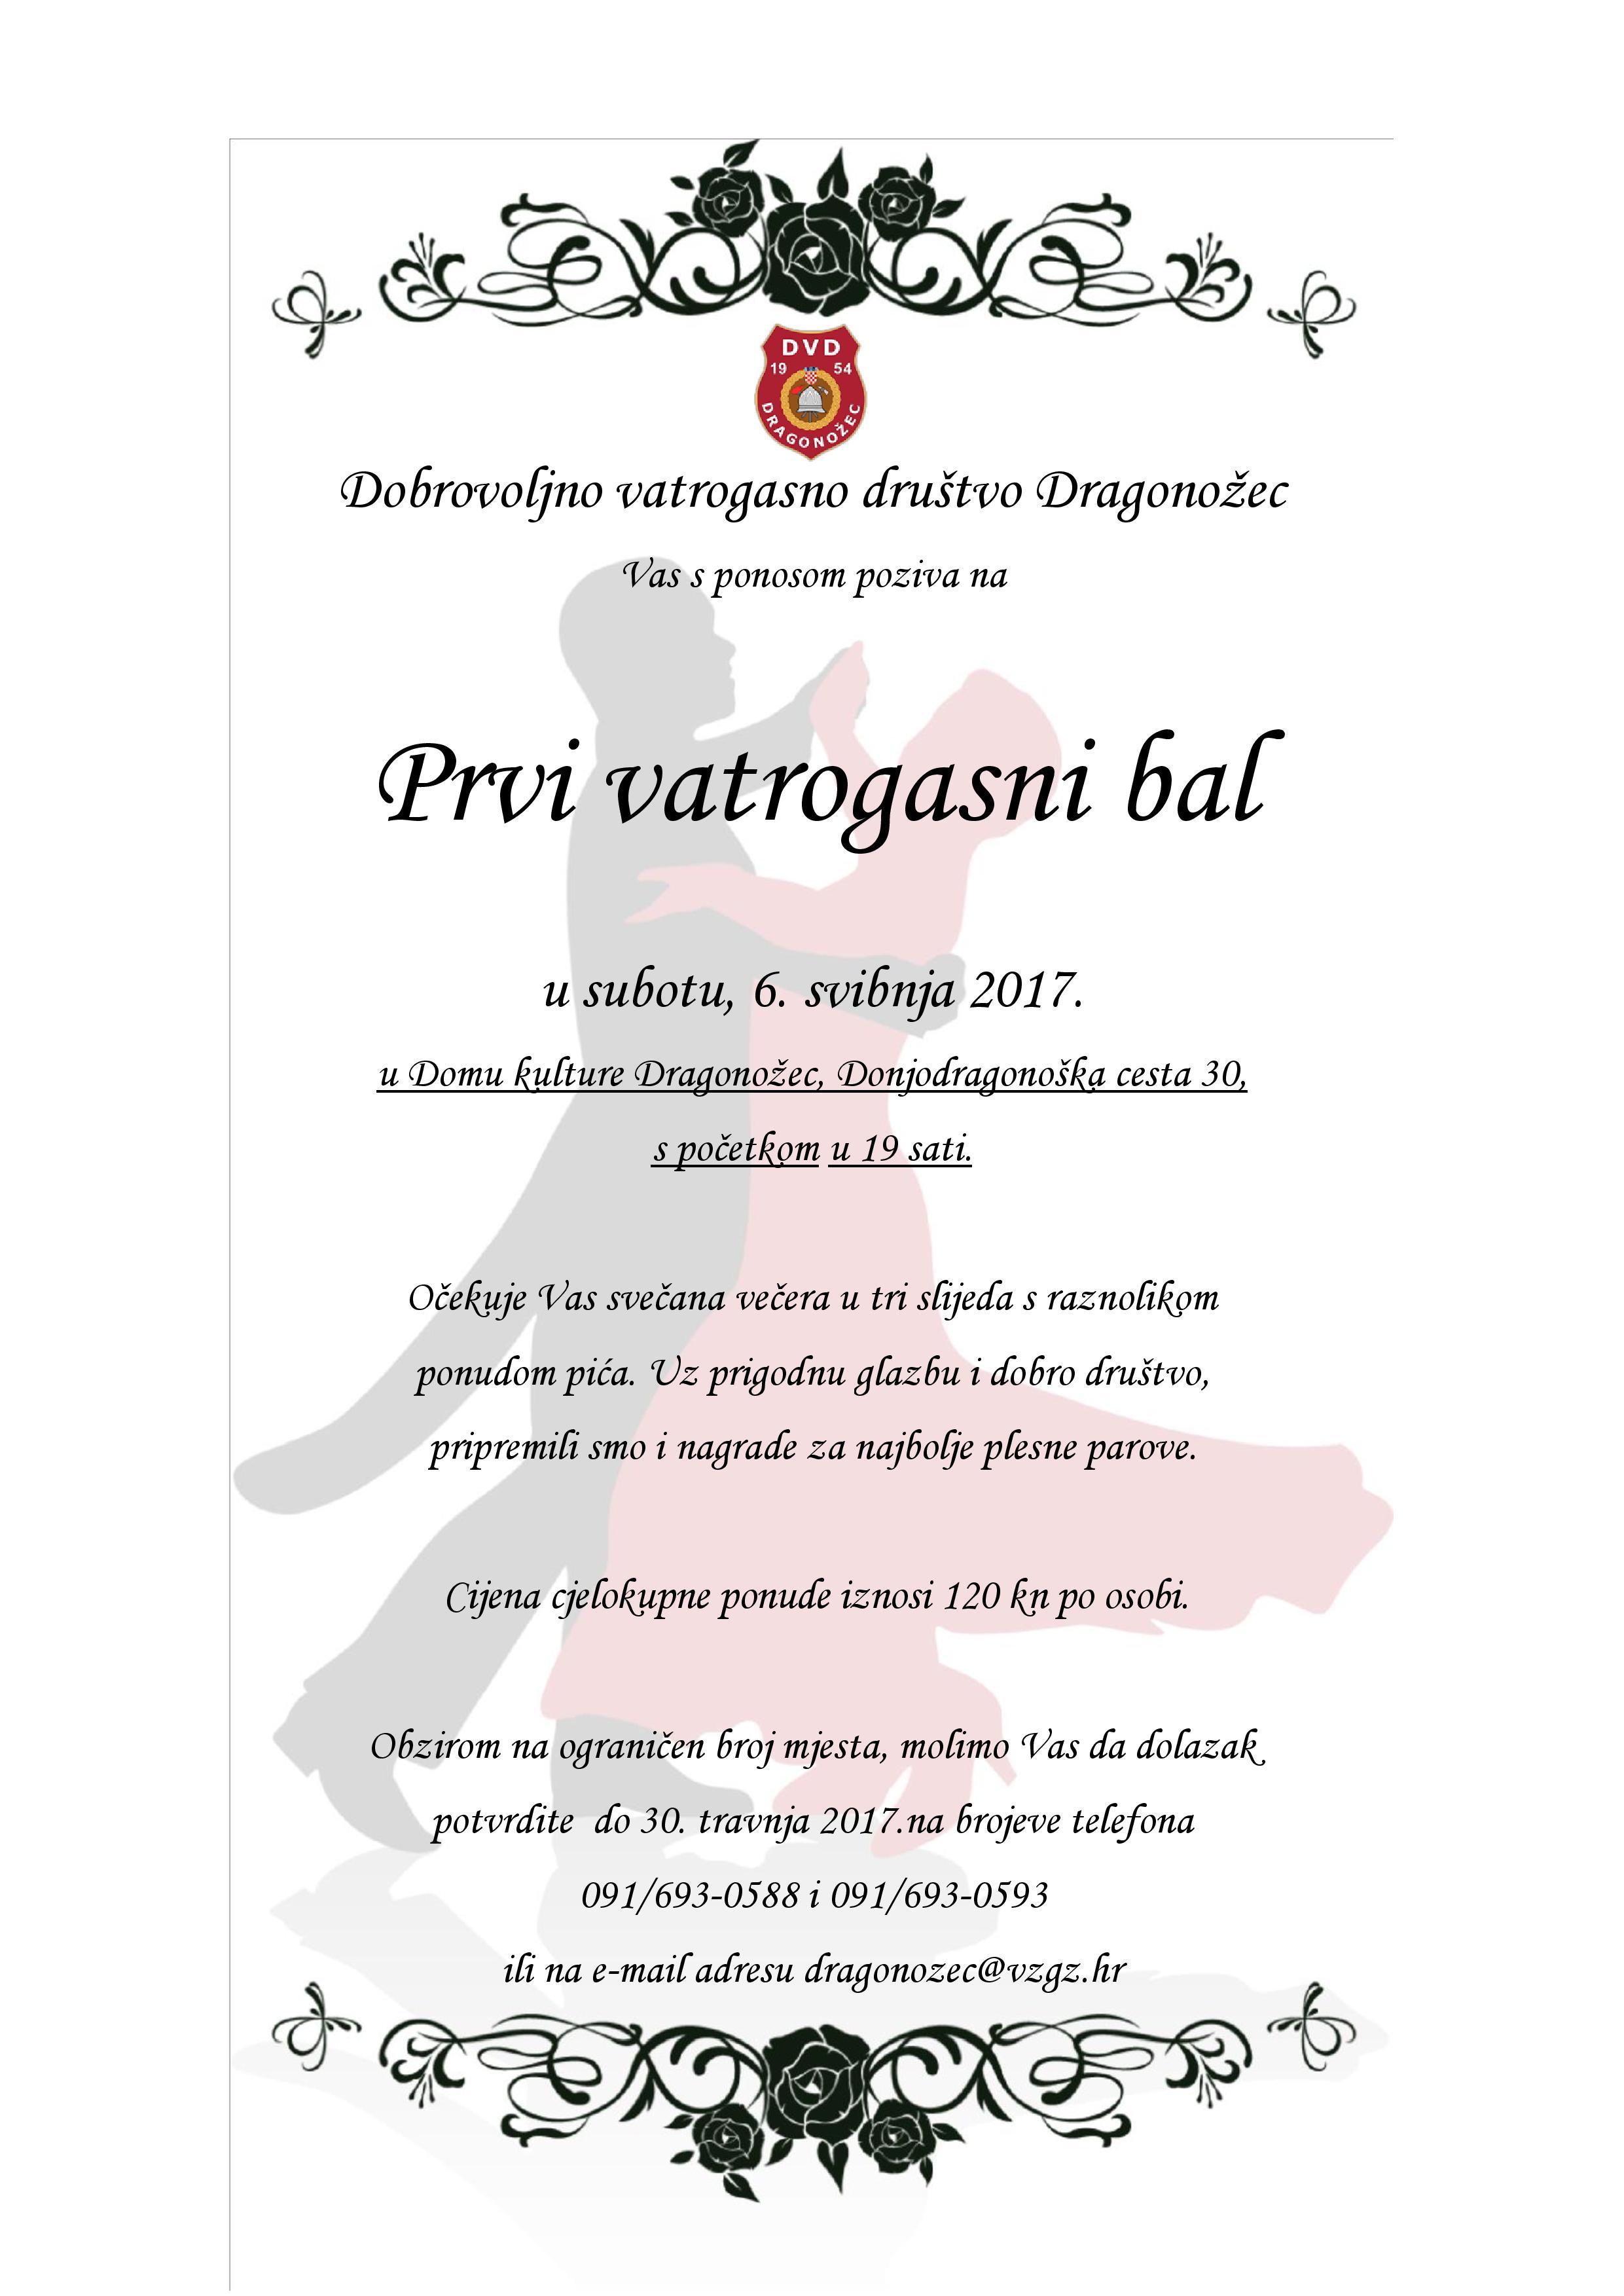 Pozivnica za vatrogasni bal-page-001